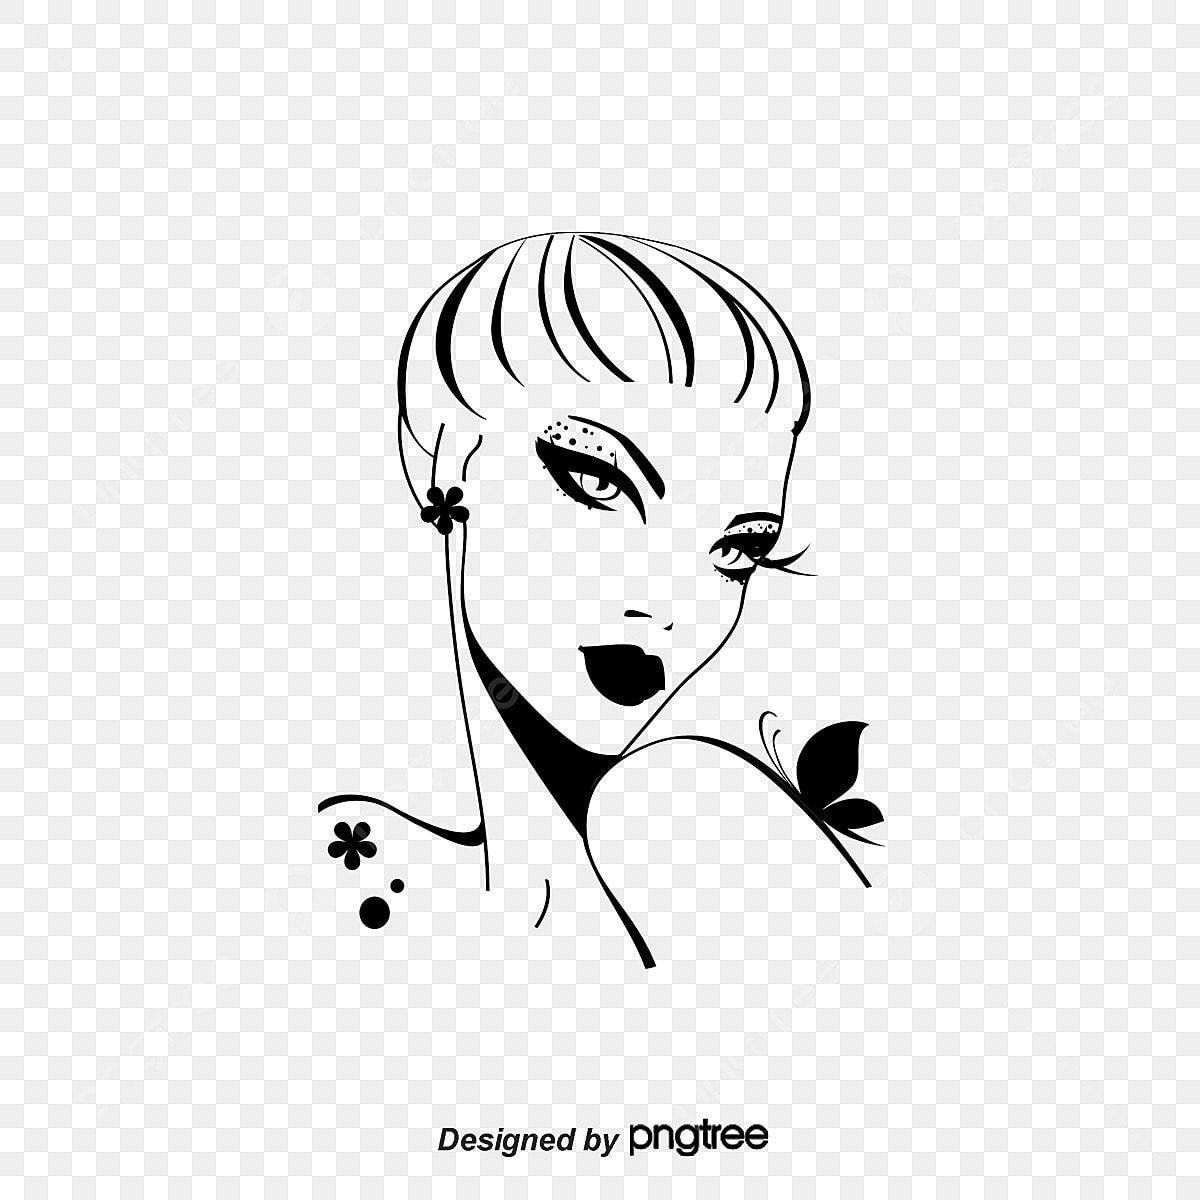 Vetor Desenho Mulheres Foto Grafico De Vetor Pintados A Mao